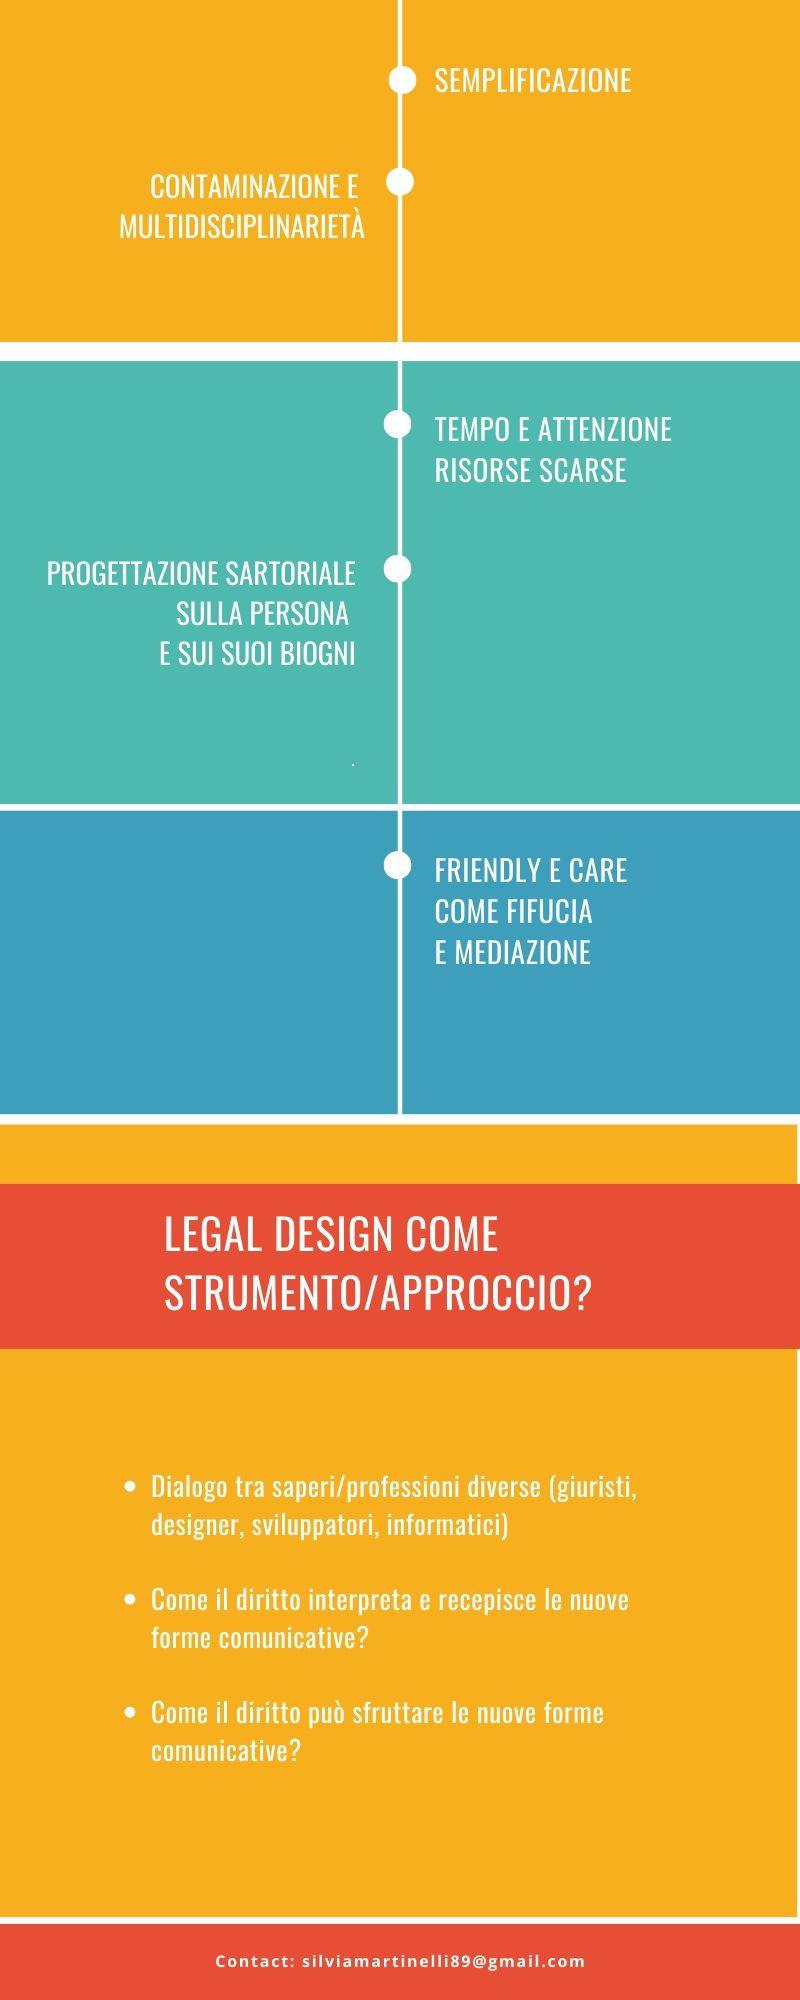 Legal Design Silvia Martinelli 2